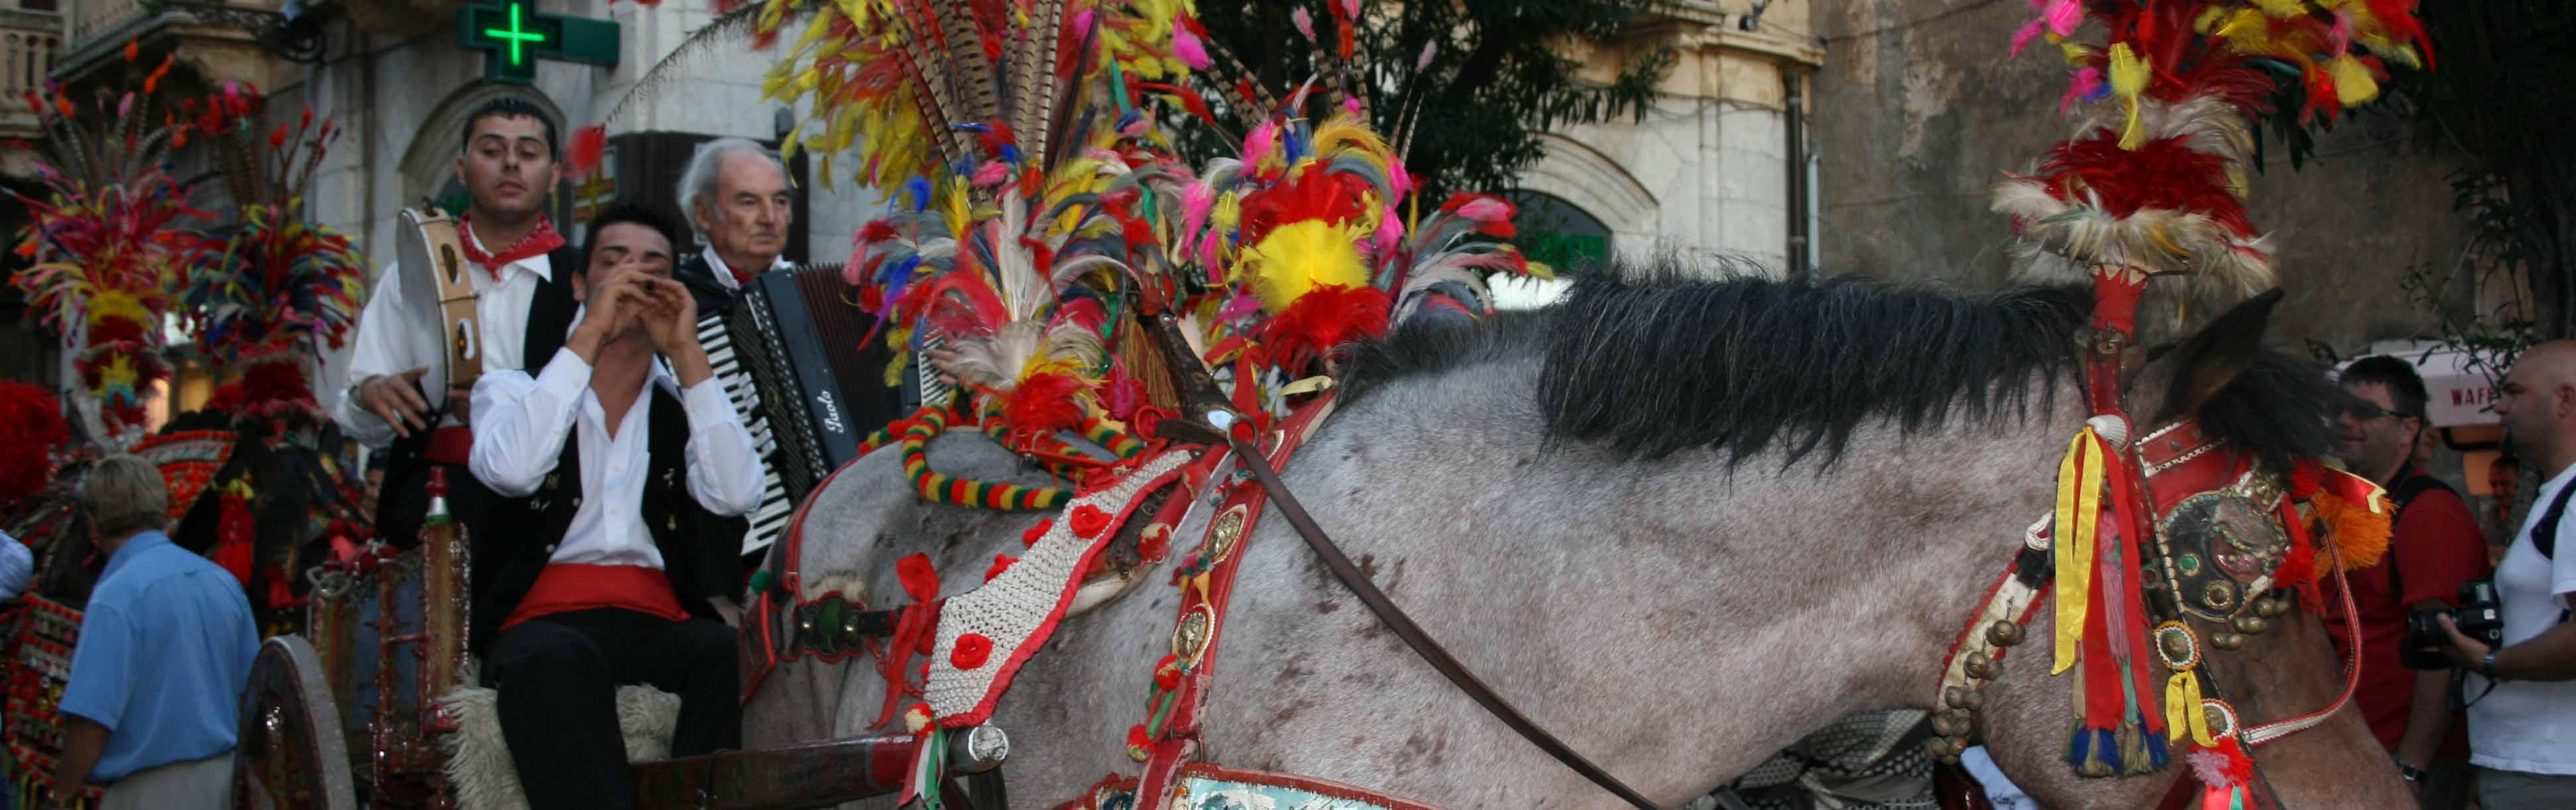 Tradizioni, Sicilia